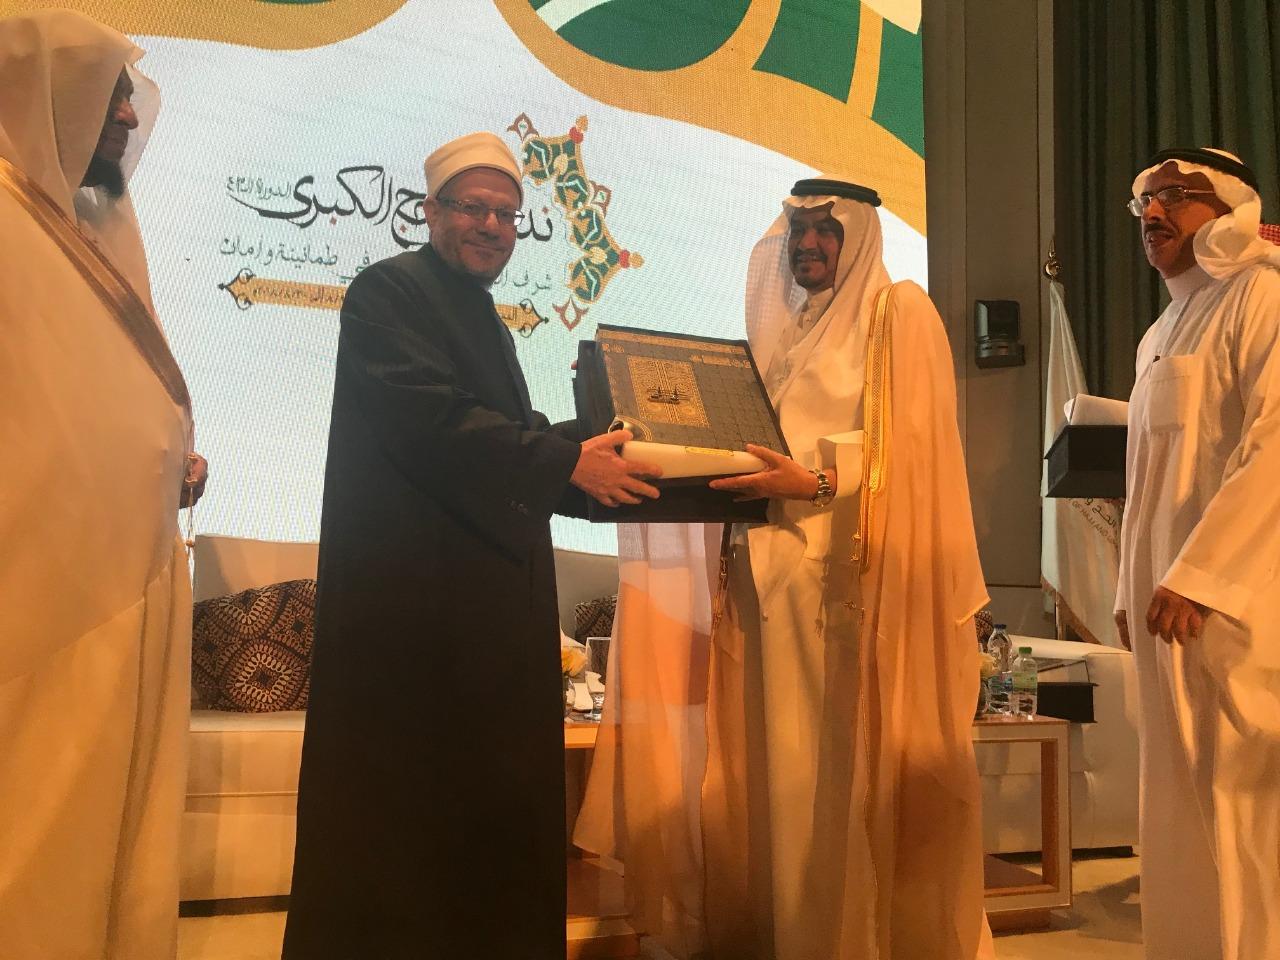 وزير الحج السعودي يكرم مفتي الجمهورية